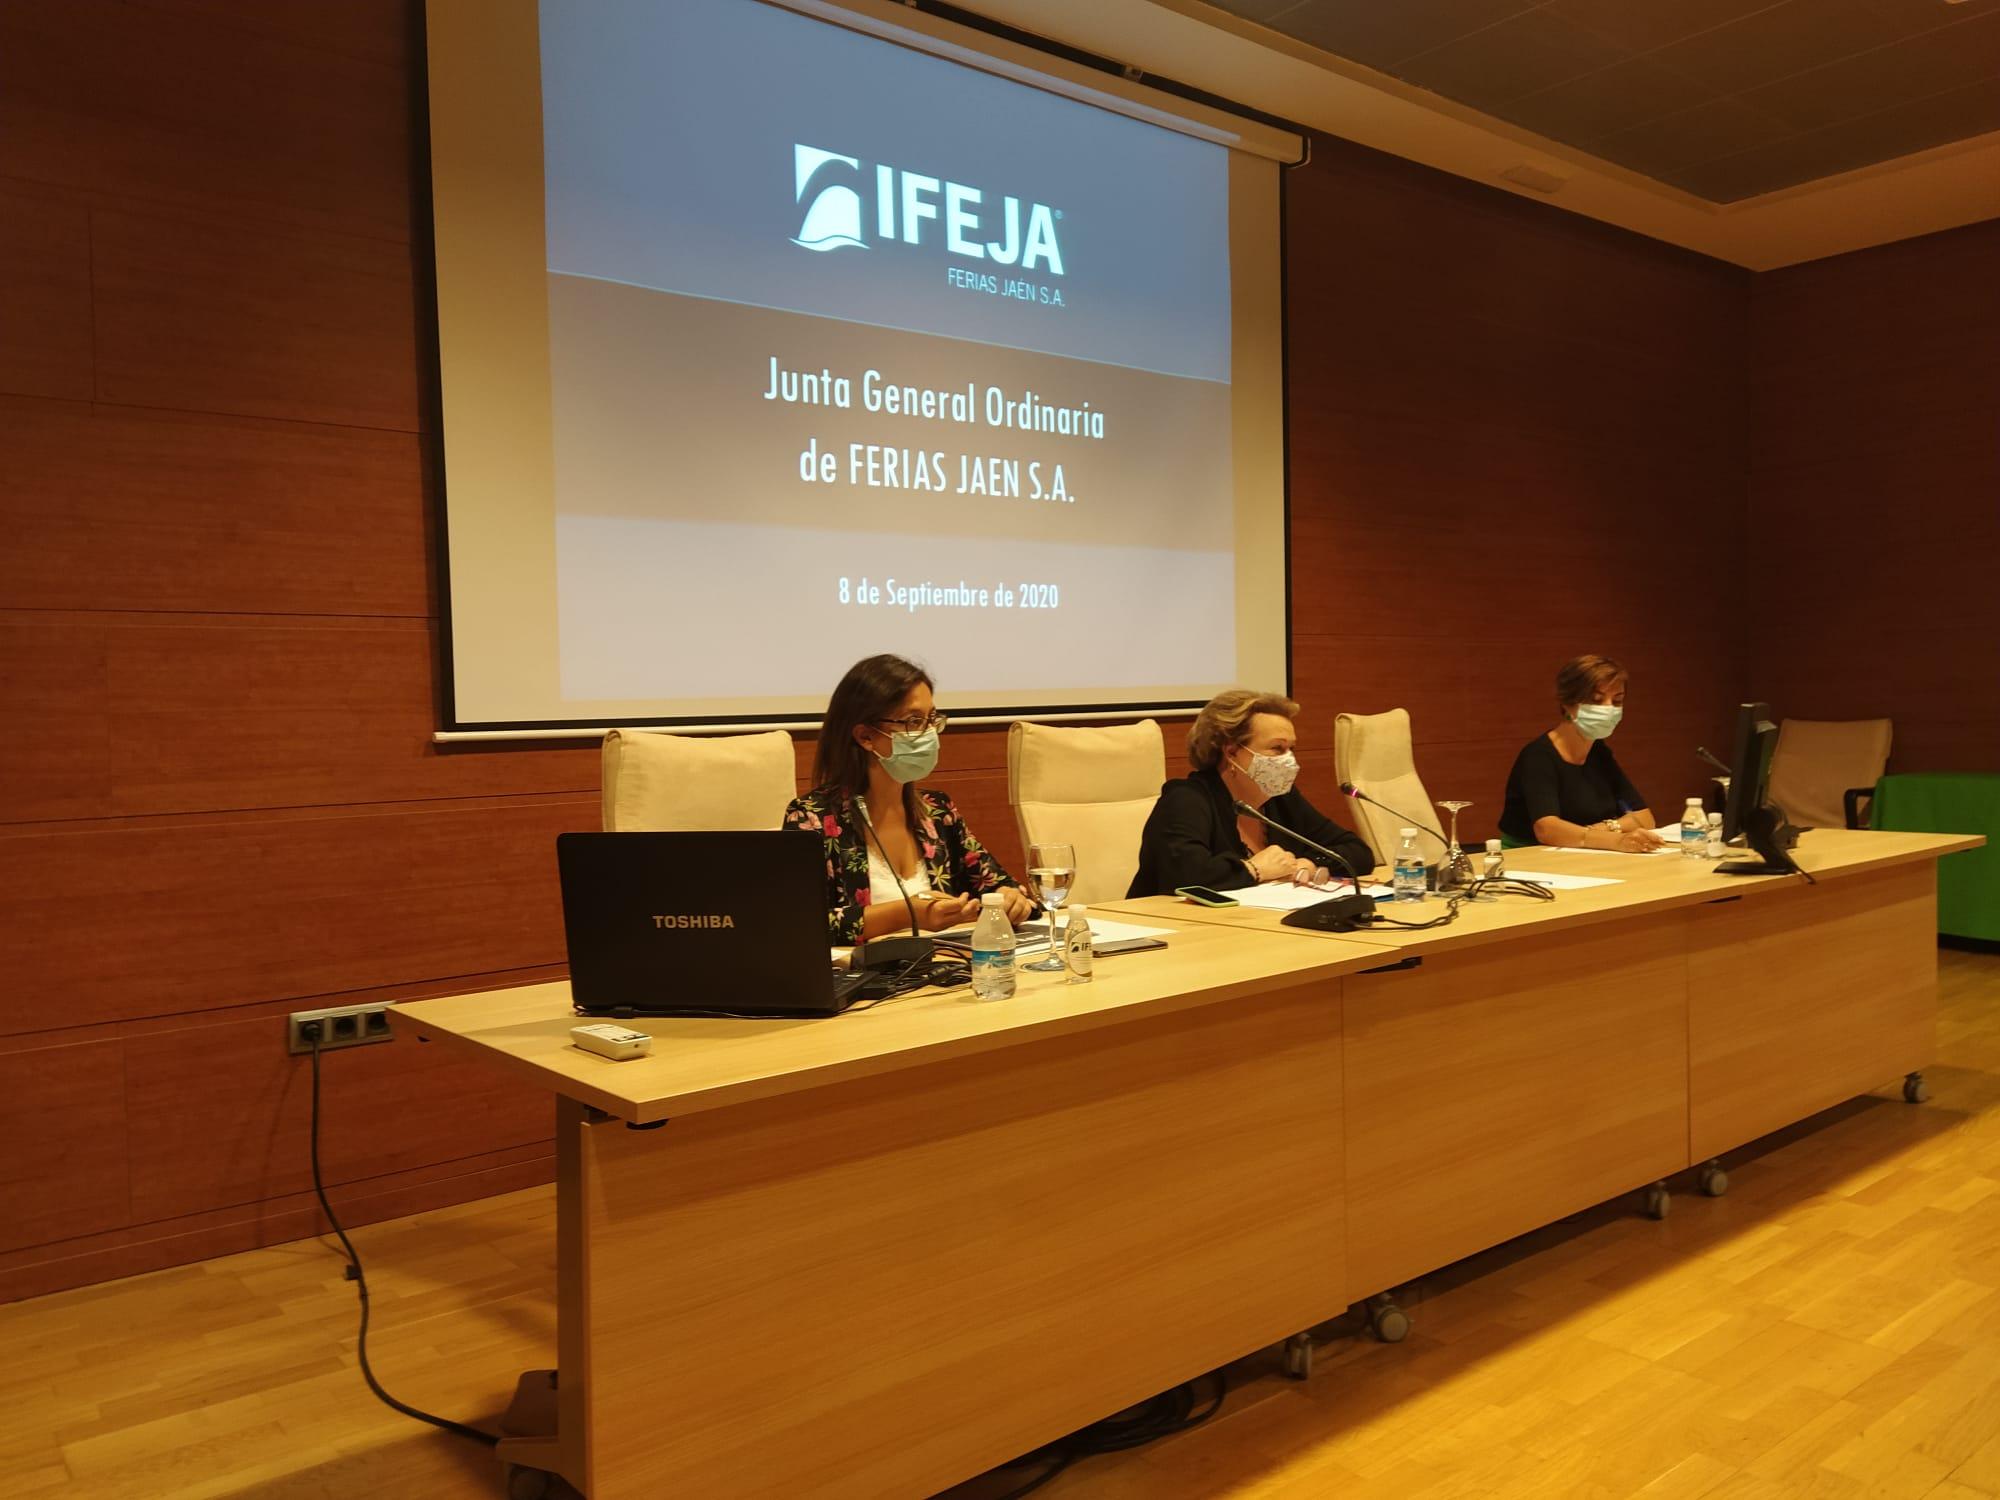 La Junta General de Accionistas de Ferias Jaén celebrada hoy en IFEJA ha aprobado las cuentas anuale